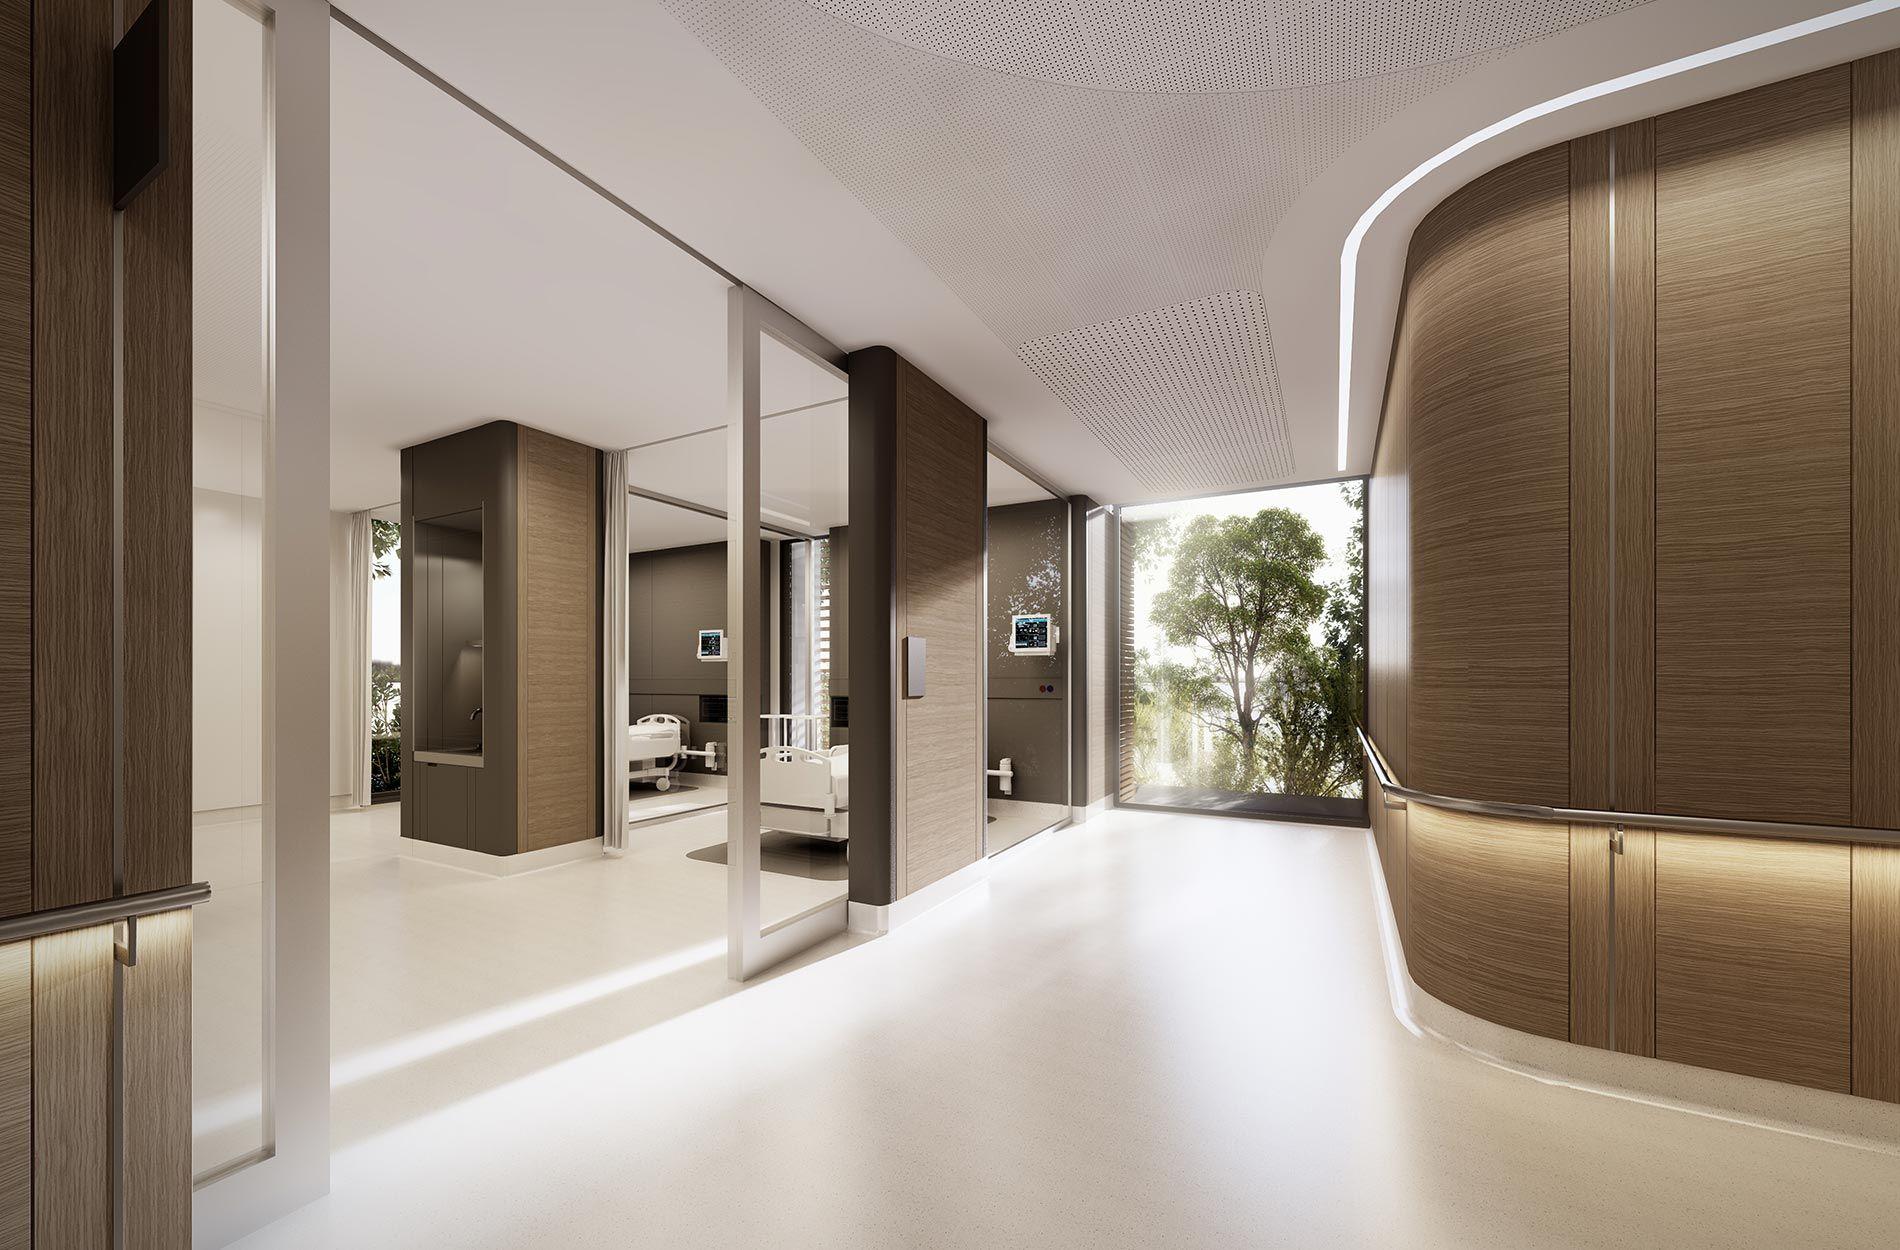 Cabrini medical centre 1 hospital interior design